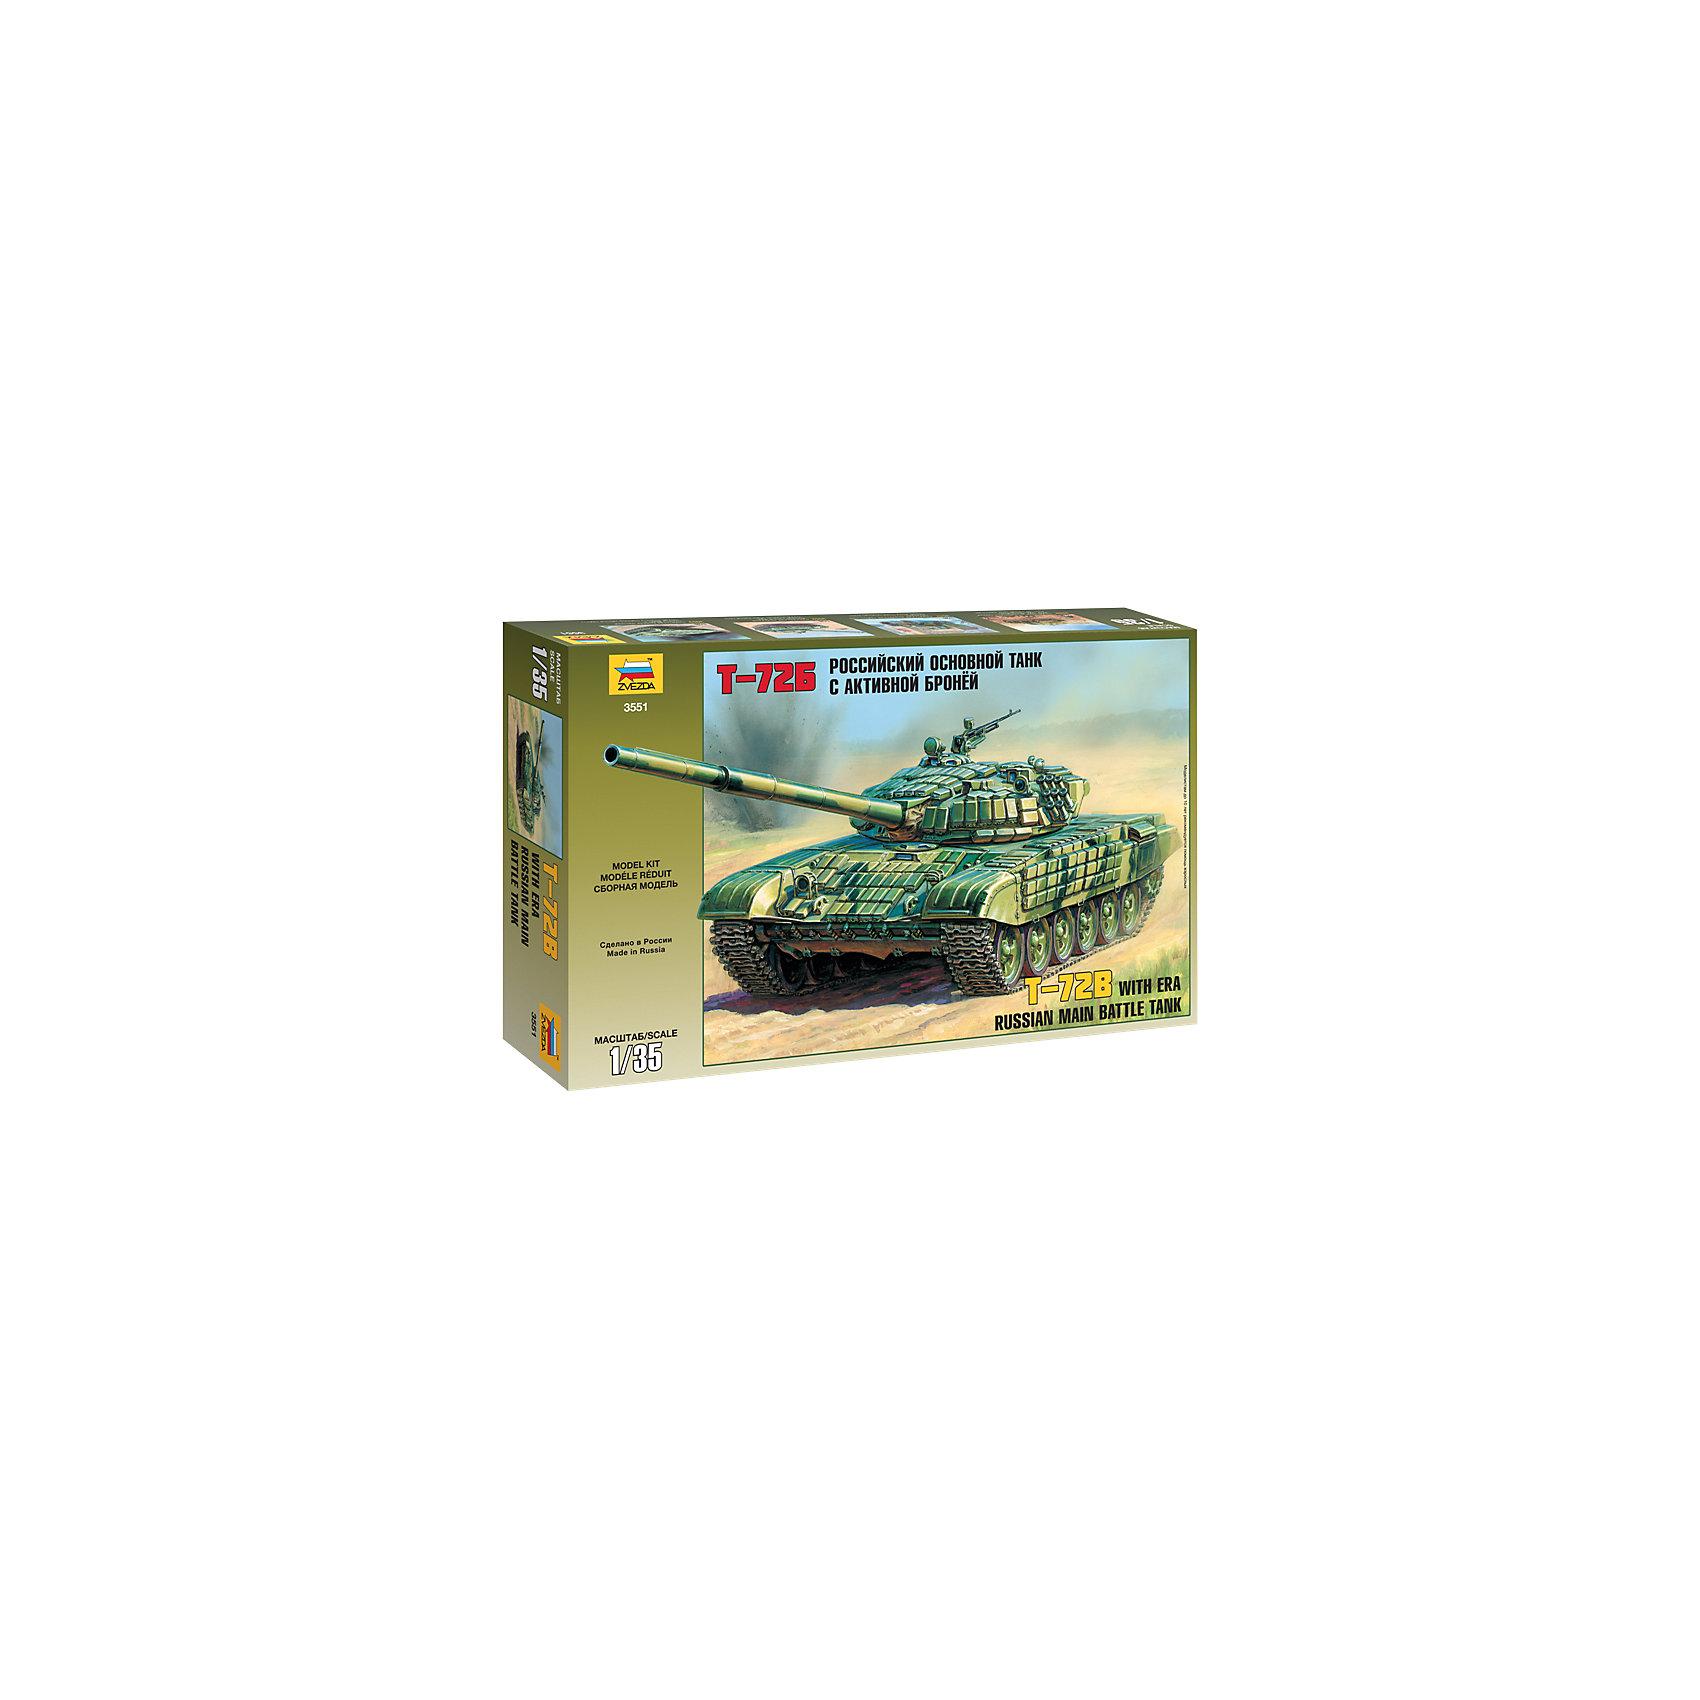 Сборная модель Танк с активной броней Т-72Б, ЗвездаСборная модель Танк с активной броней Т-72Б, Звезда – это модель для склеивания отличный подарок для ребенка и для взрослого.<br>Сборная модель Танк с активной броней Т-72Б от российского производителя Звезда привлечет внимание не только ребенка, но и взрослого и позволит своими руками создать уменьшенную копию боевого танка российской армии. Этот танк модификации 1985 года отличается от предшественников наличием комплекса управляемого ракетного вооружения и усиленной броневой защитой башни. Кроме этого, на танк ставится навесная динамическая защита, состоящая из 227 контейнеров, почти половина, из которых размещается на башне. Модель танка выполнена в пропорции 1:35. Подробная детализация, безупречное литье пластиковых деталей, точность воспроизведения не оставят равнодушными ни начинающих, ни продвинутых моделистов. Модель собирается при помощи специального клея, выпускаемого предприятием Звезда. Процесс сборки развивает интеллектуальные и инструментальные способности, воображение и конструктивное мышление, а также прививает практические навыки работы со схемами и чертежами.<br><br>Дополнительная информация:<br><br>- Количество деталей: 304<br>- Длина собранной модели: 29 см.<br>- Масштаб: 1:35<br>- Материал: пластик<br>- Размер упаковки: 240x340x60 мм.<br>- Вес: 330 гр.<br>- Клей и краски в комплект не входят, приобретаются отдельно<br><br>Сборную модель Танк с активной броней Т-72Б, Звезда можно купить в нашем интернет-магазине.<br><br>Ширина мм: 400<br>Глубина мм: 70<br>Высота мм: 240<br>Вес г: 480<br>Возраст от месяцев: 60<br>Возраст до месяцев: 168<br>Пол: Мужской<br>Возраст: Детский<br>SKU: 4060336